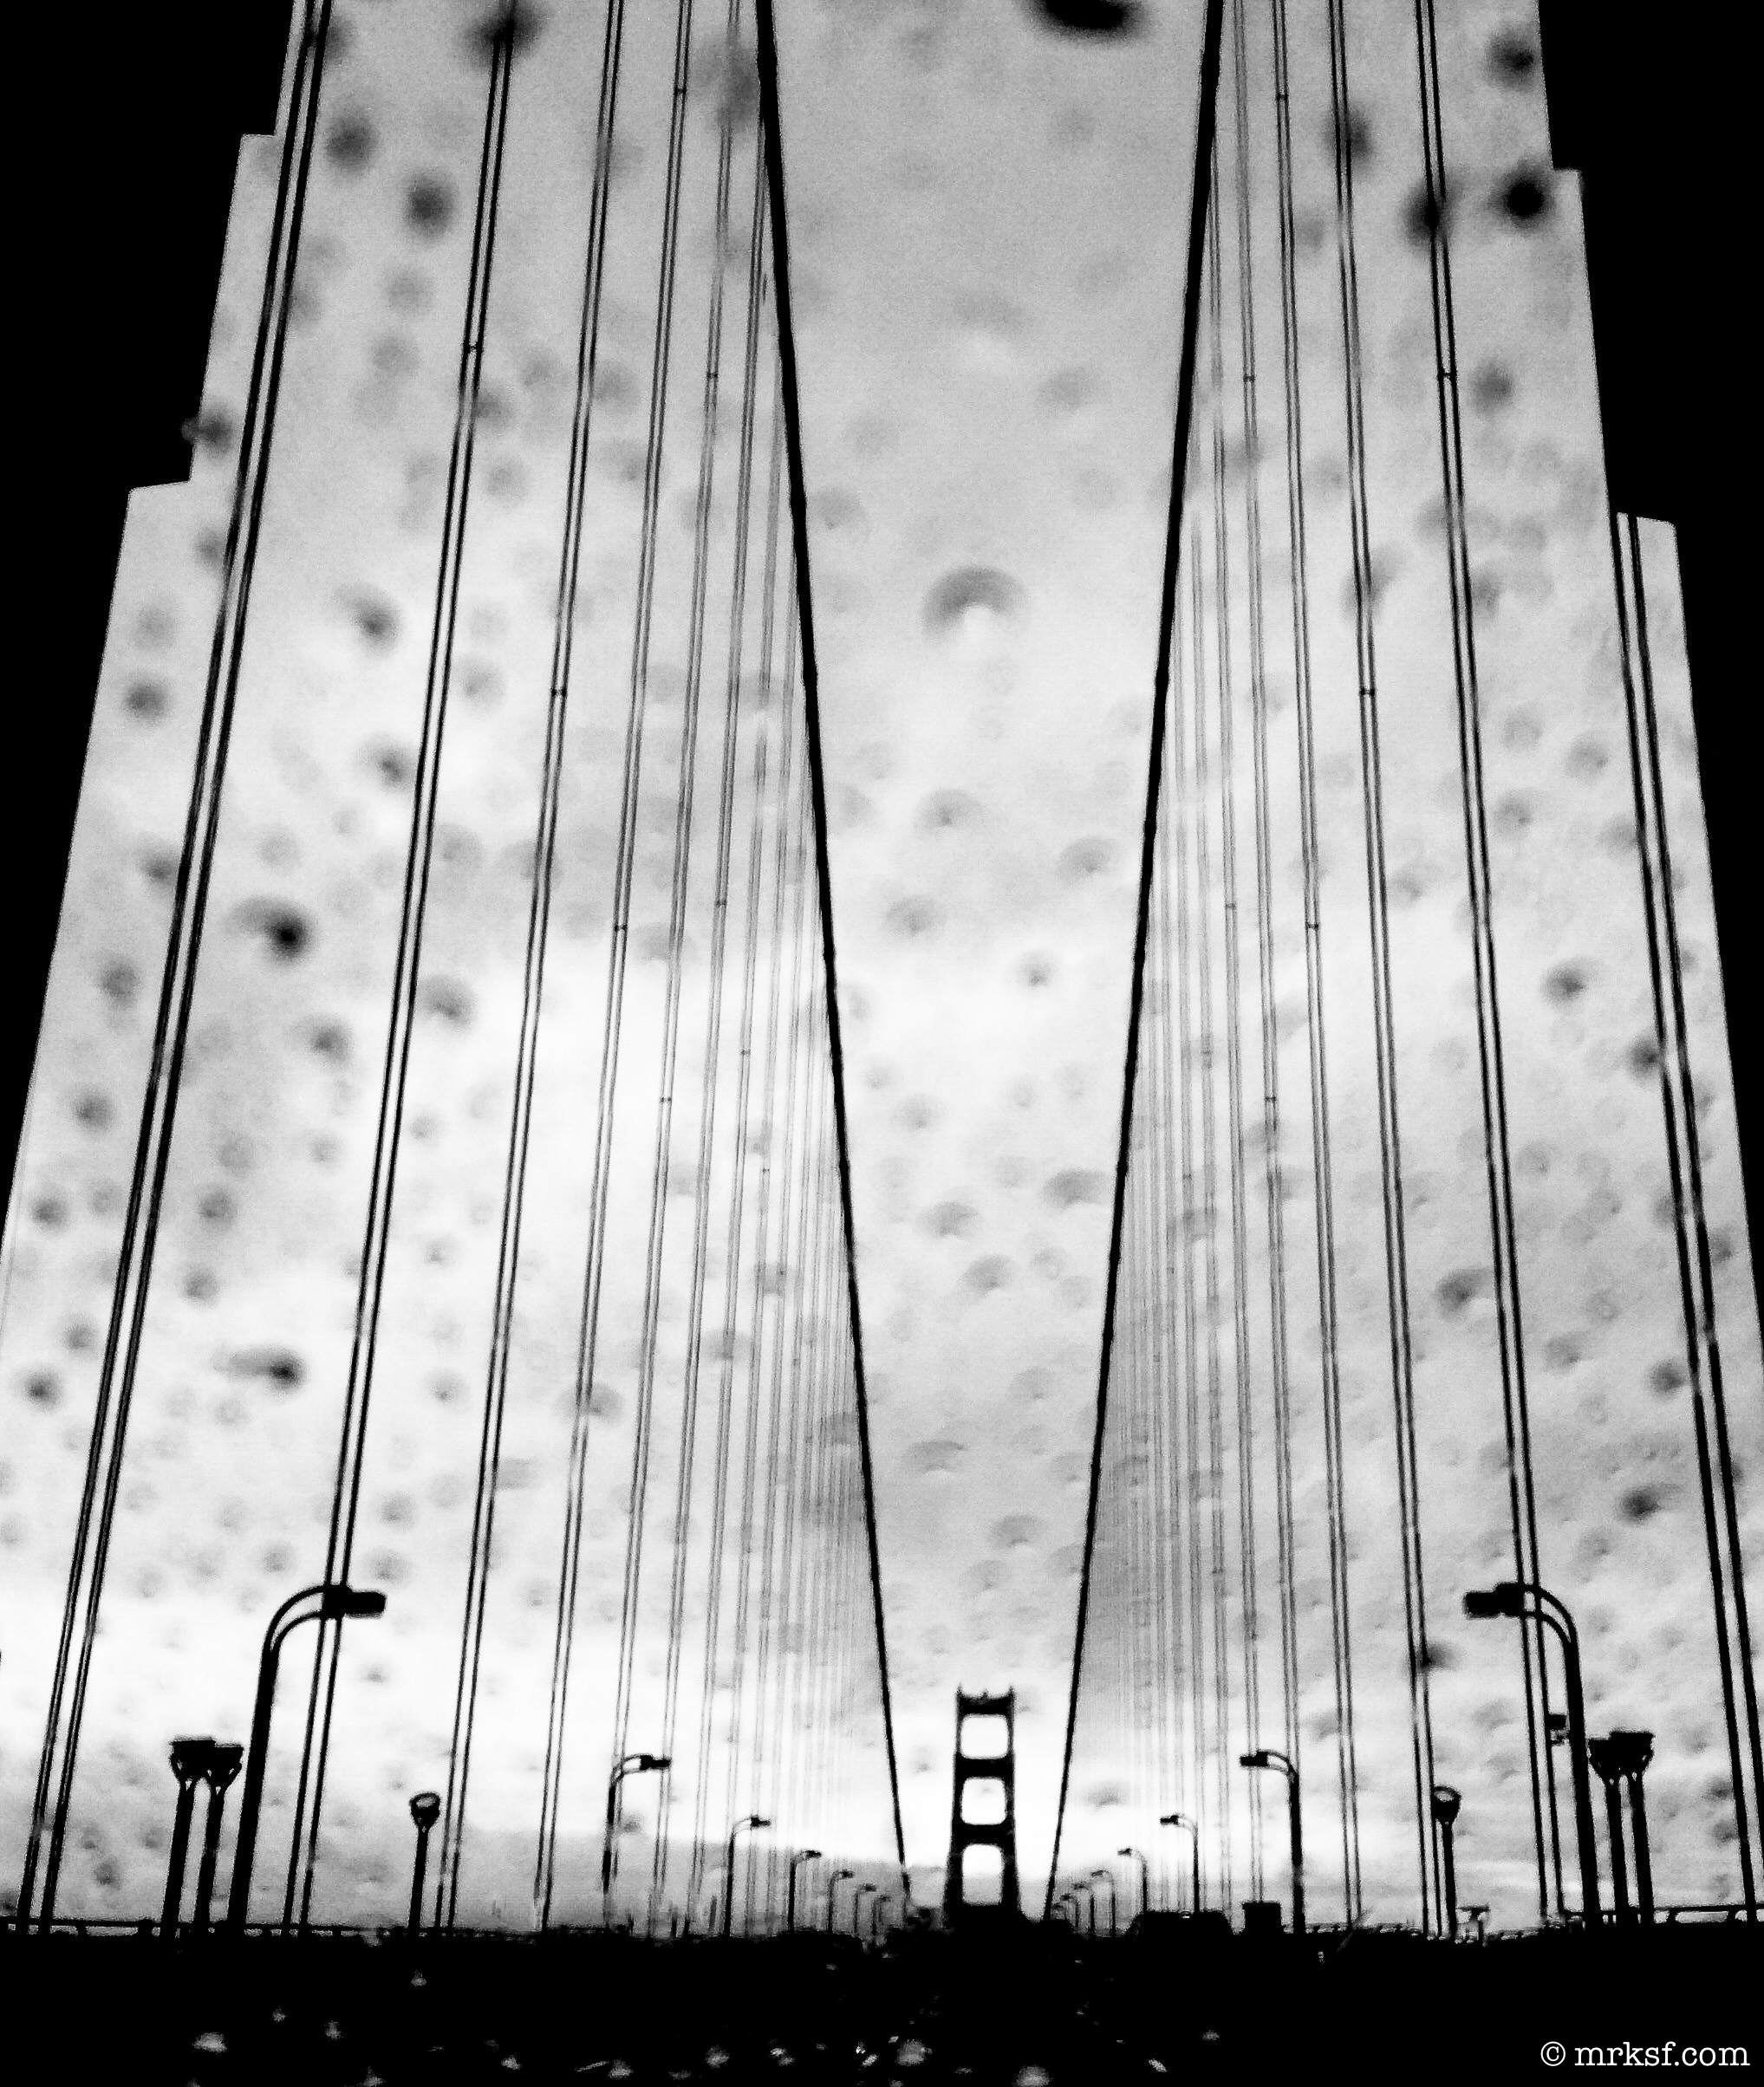 Gate in Rain